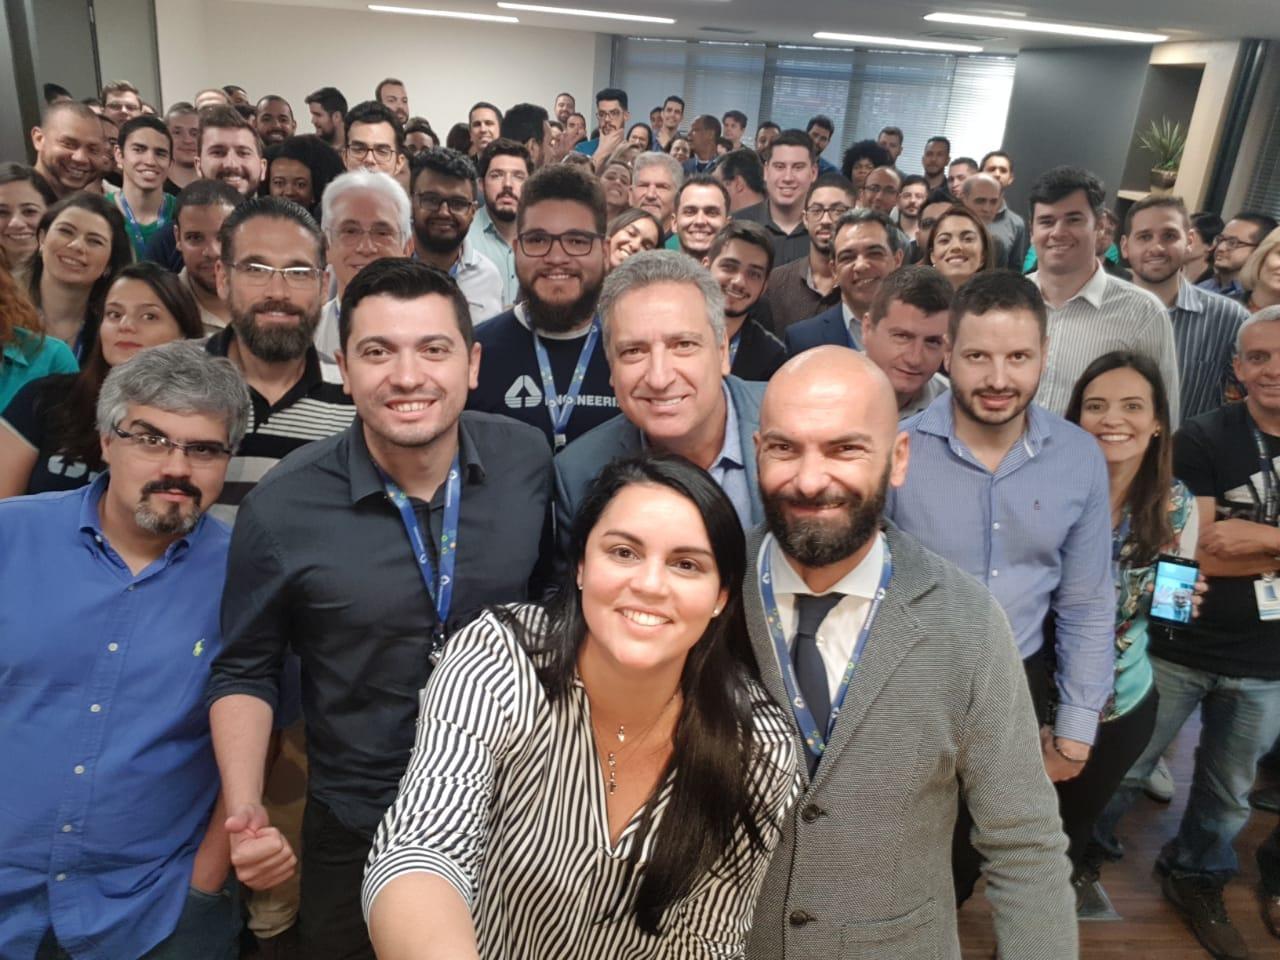 Engineering do Brasil anuncia expansão do seu escritório em Belo Horizonte (MG)